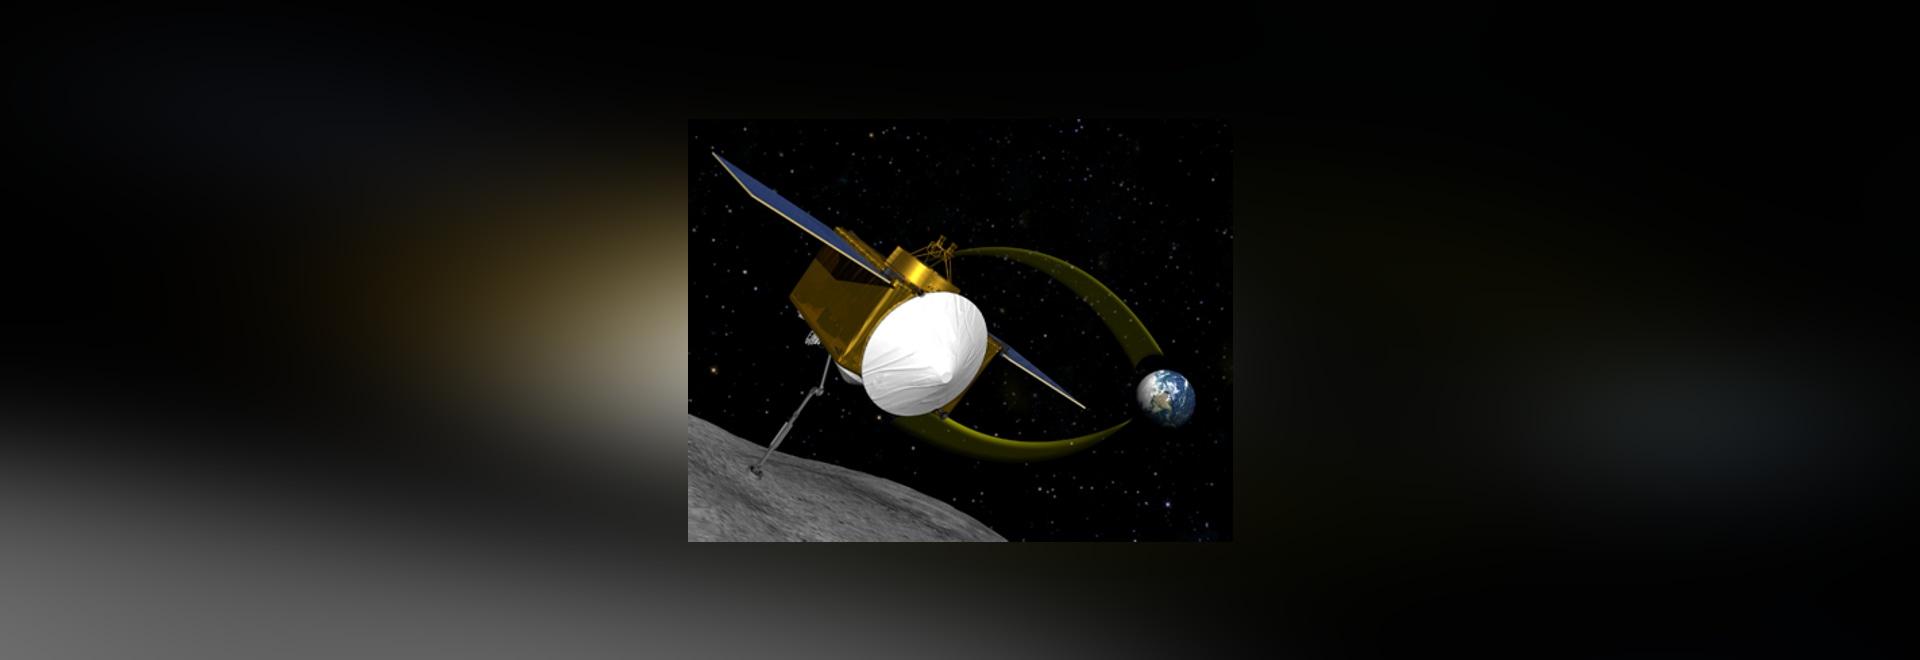 El Magnetics de BEI Kimco diseñó un actuador móvil modificado para requisitos particulares de la bobina de voz del imán para la nave espacial de OSIRIS-Rex